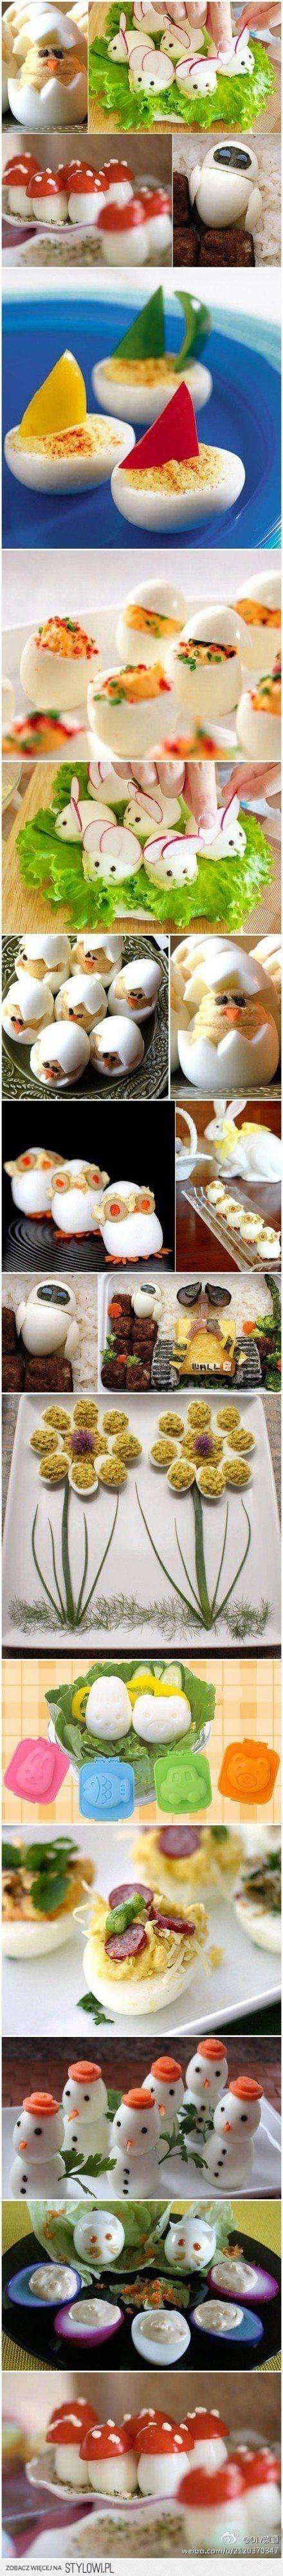 egg ideas